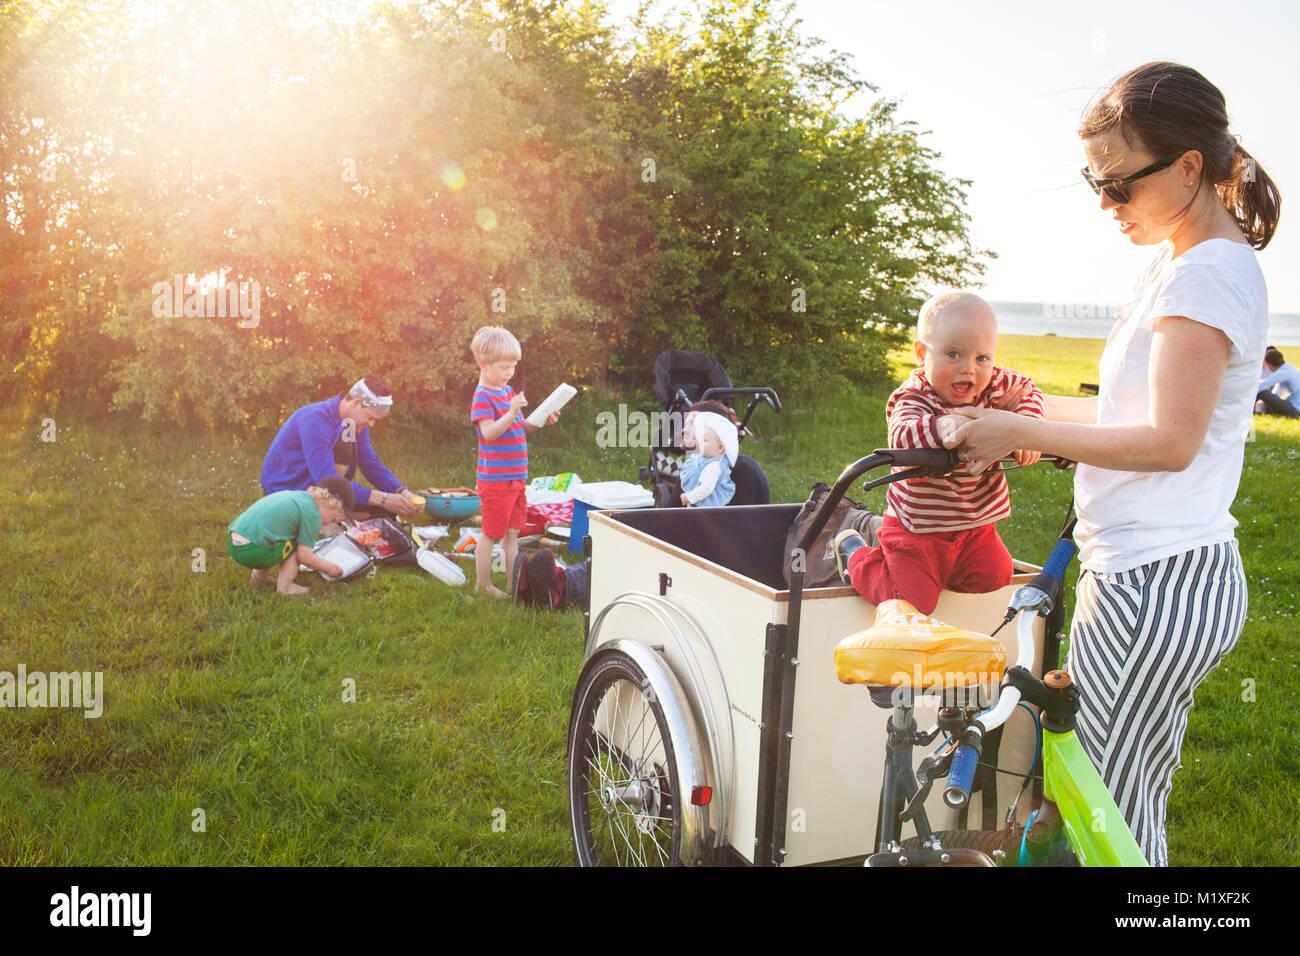 Madre jugando con su hijo en bicicleta Imagen De Stock